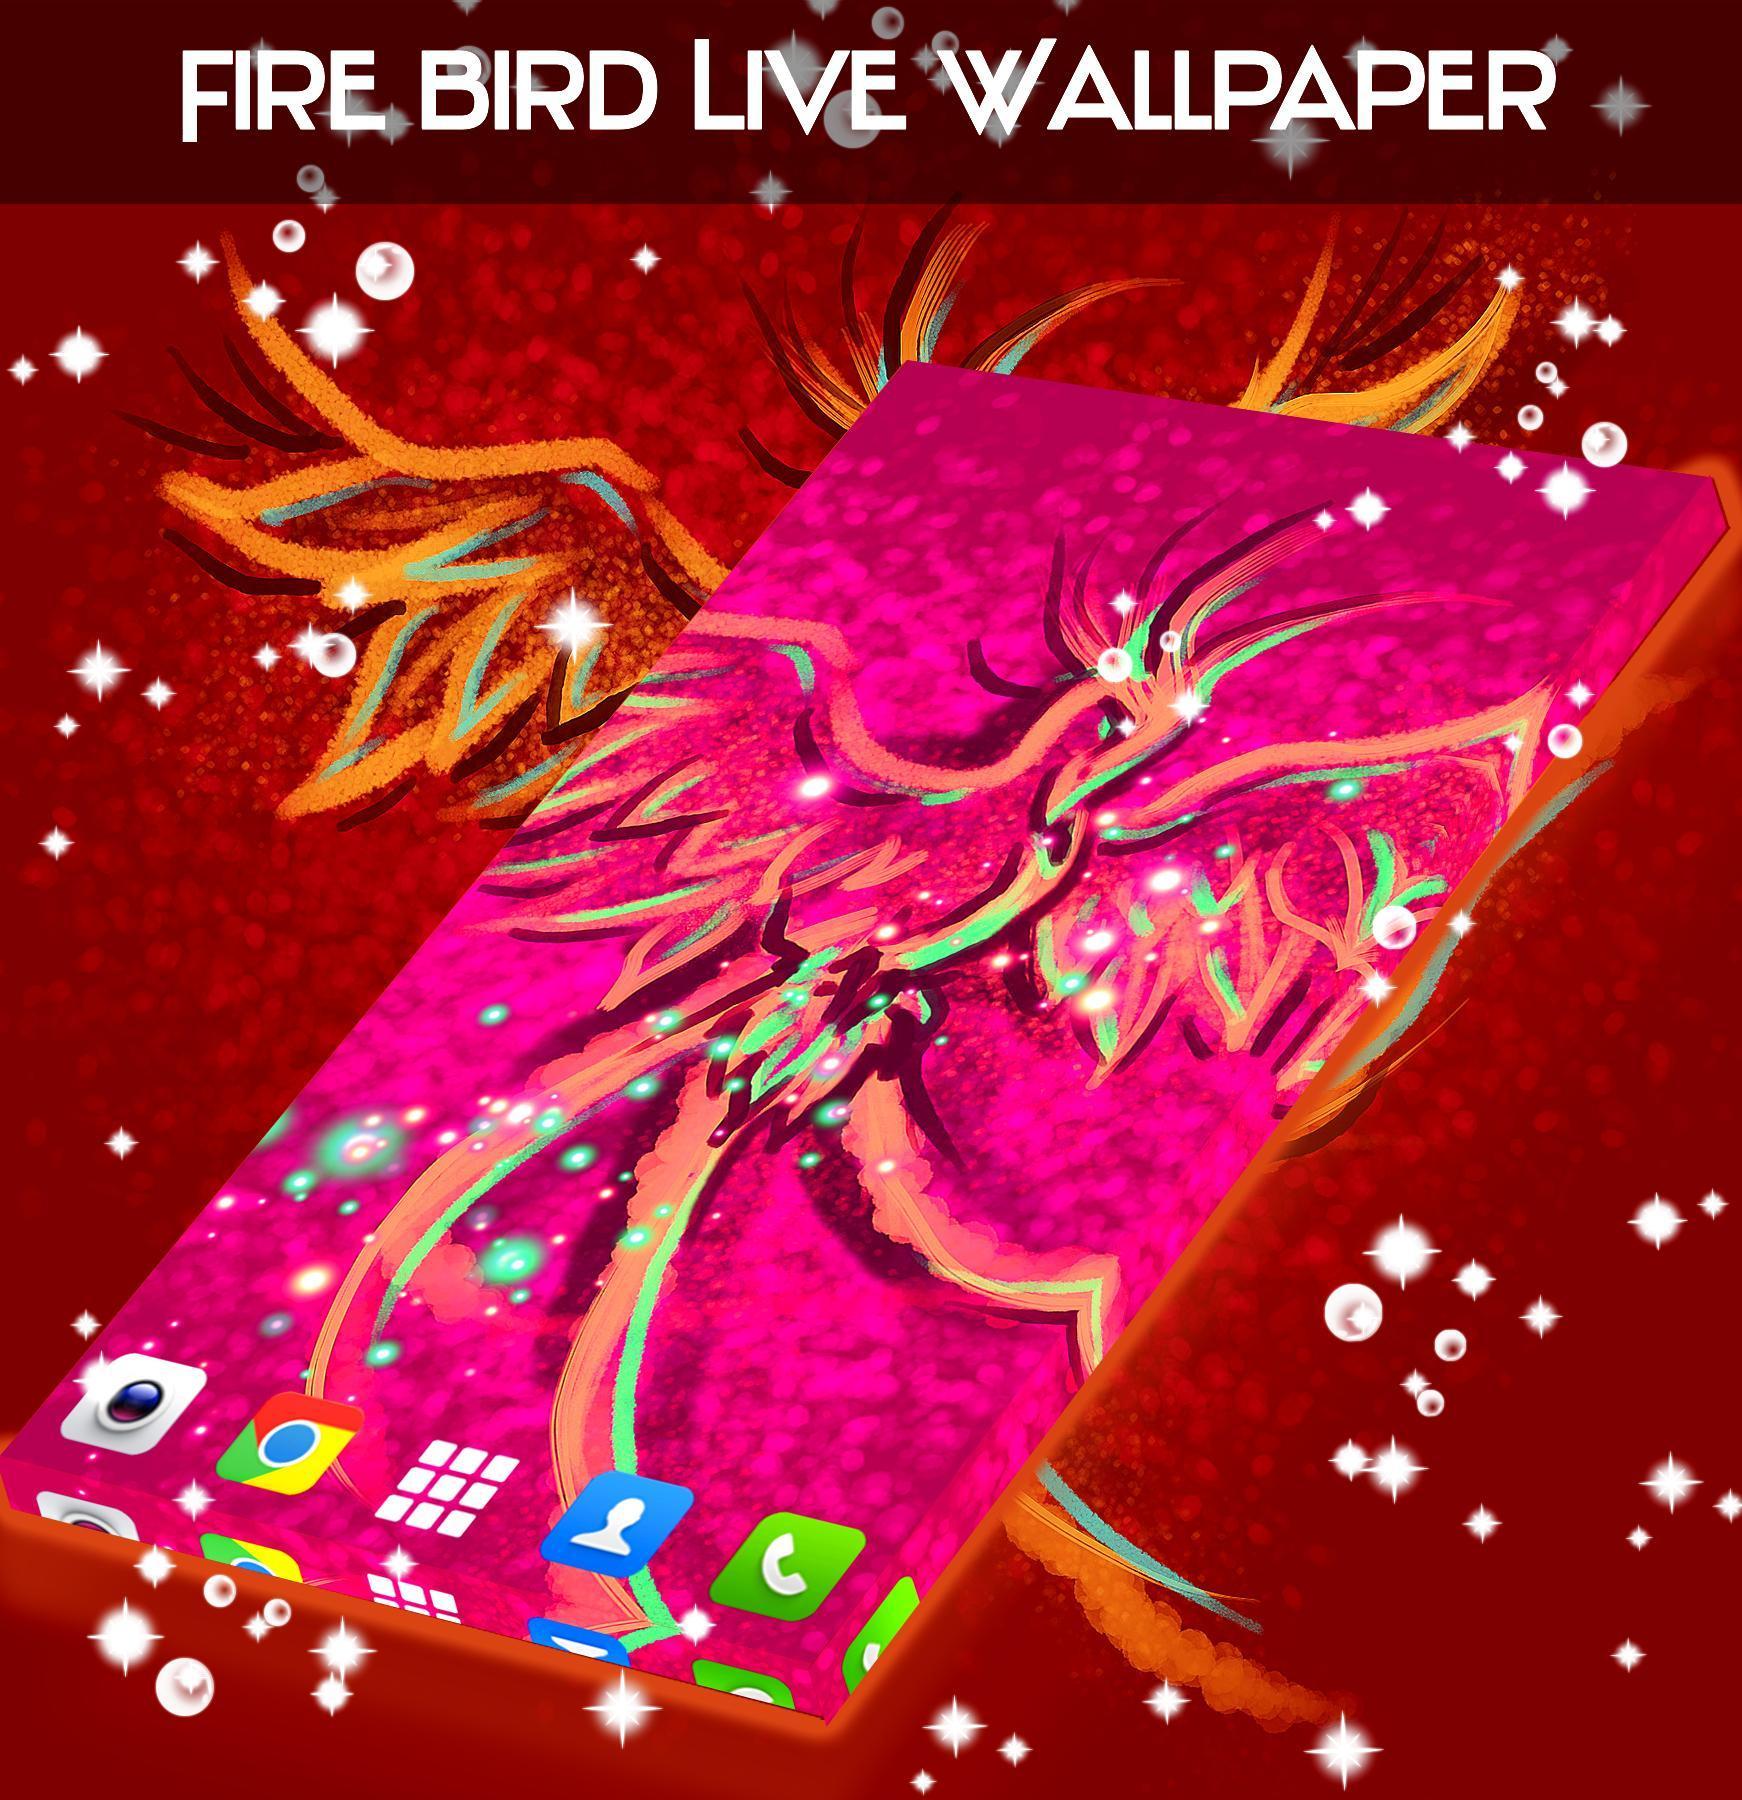 Android 用の 火の鳥ライブ壁紙 Apk をダウンロード